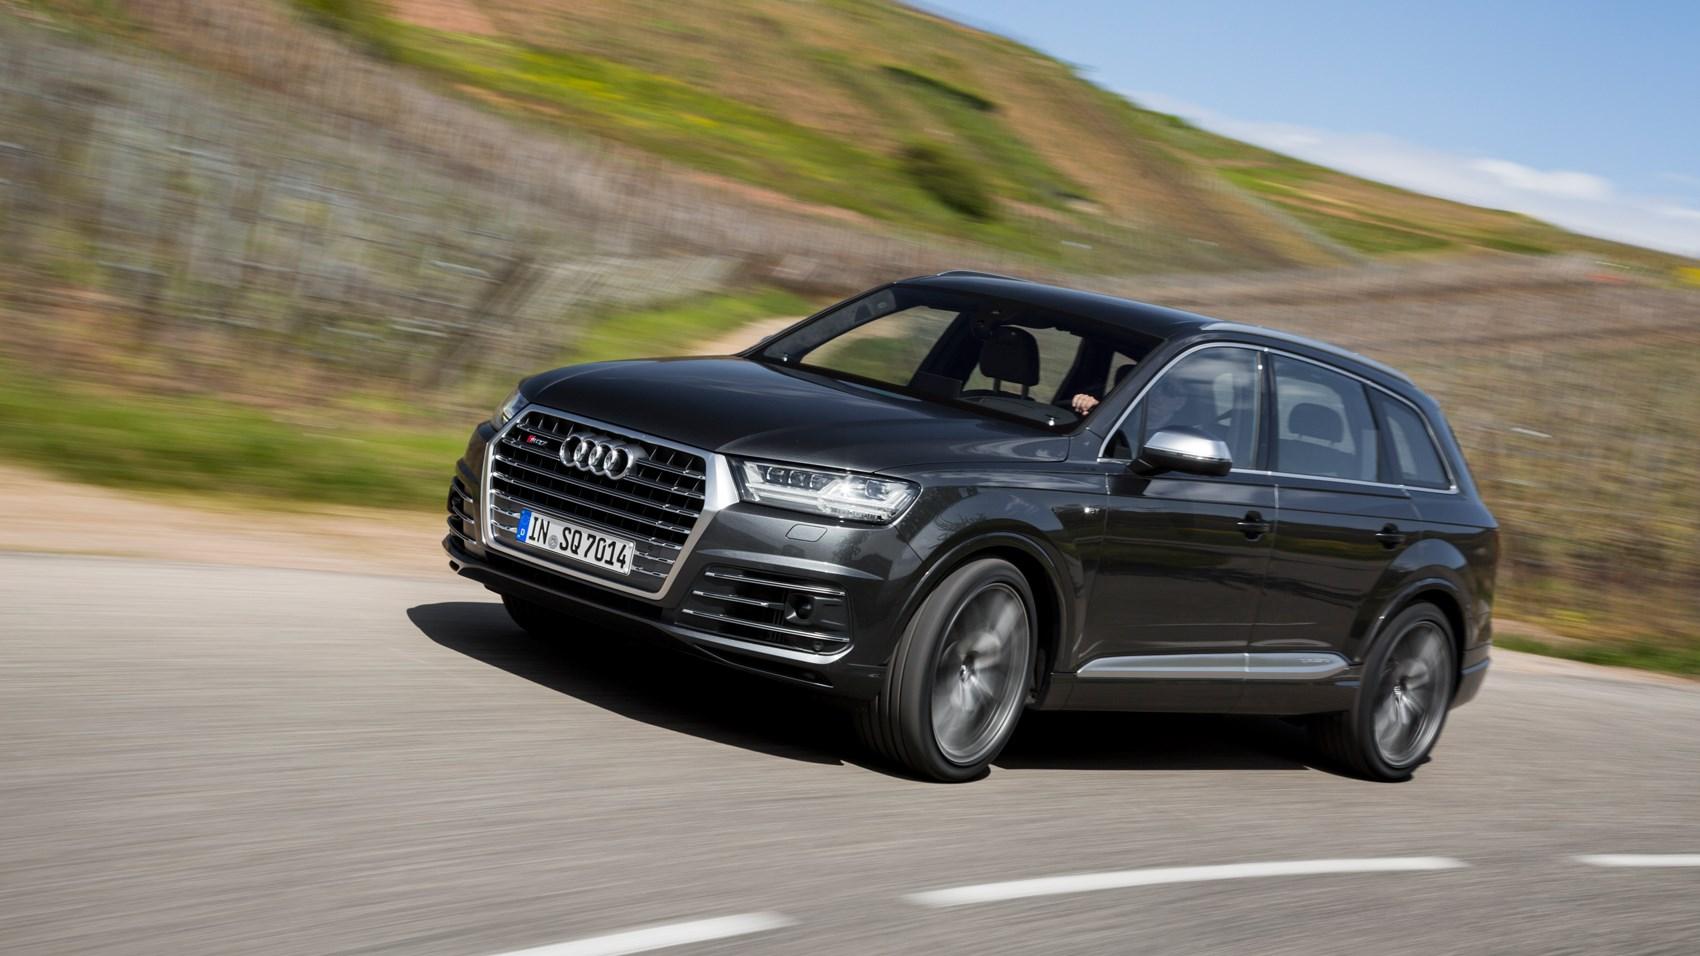 Audi audi sq7 tdi : Audi SQ7 TDI = the most powerful diesel SUV on the market 435hp ...